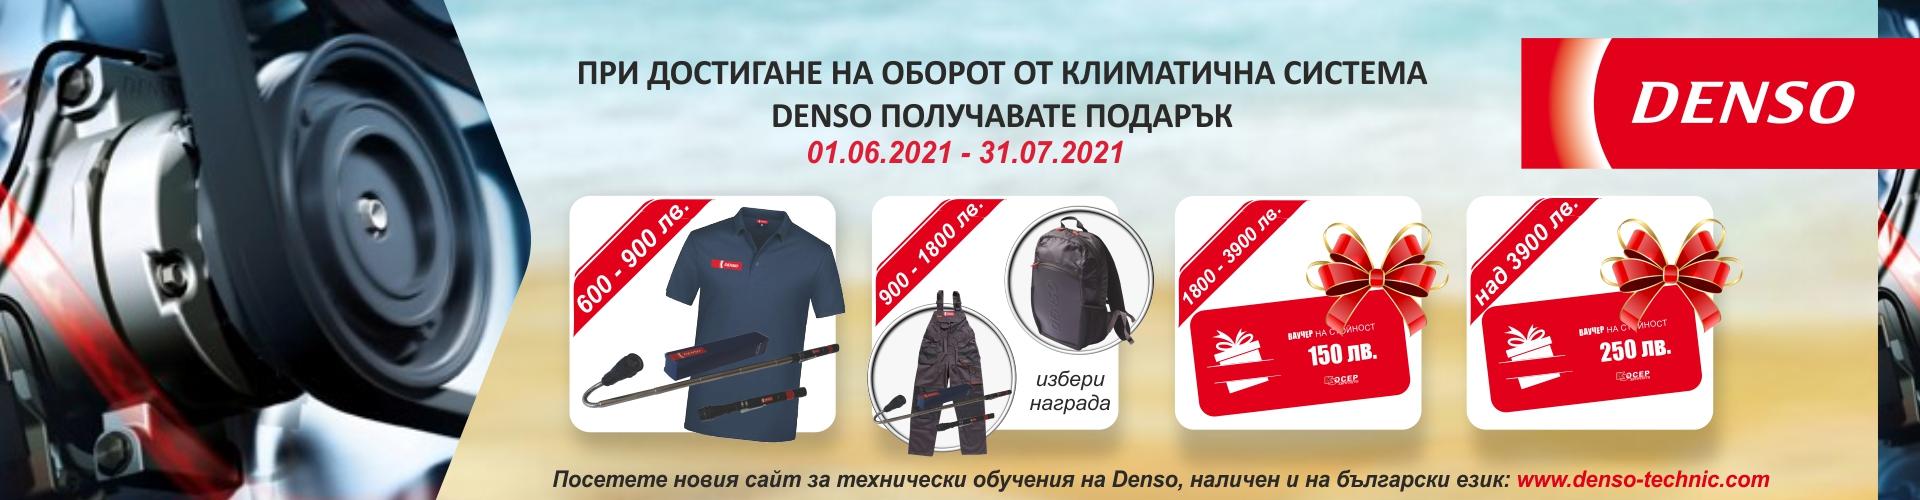 promo_denso_01.06.2021-31.07.2021_banner.jpg